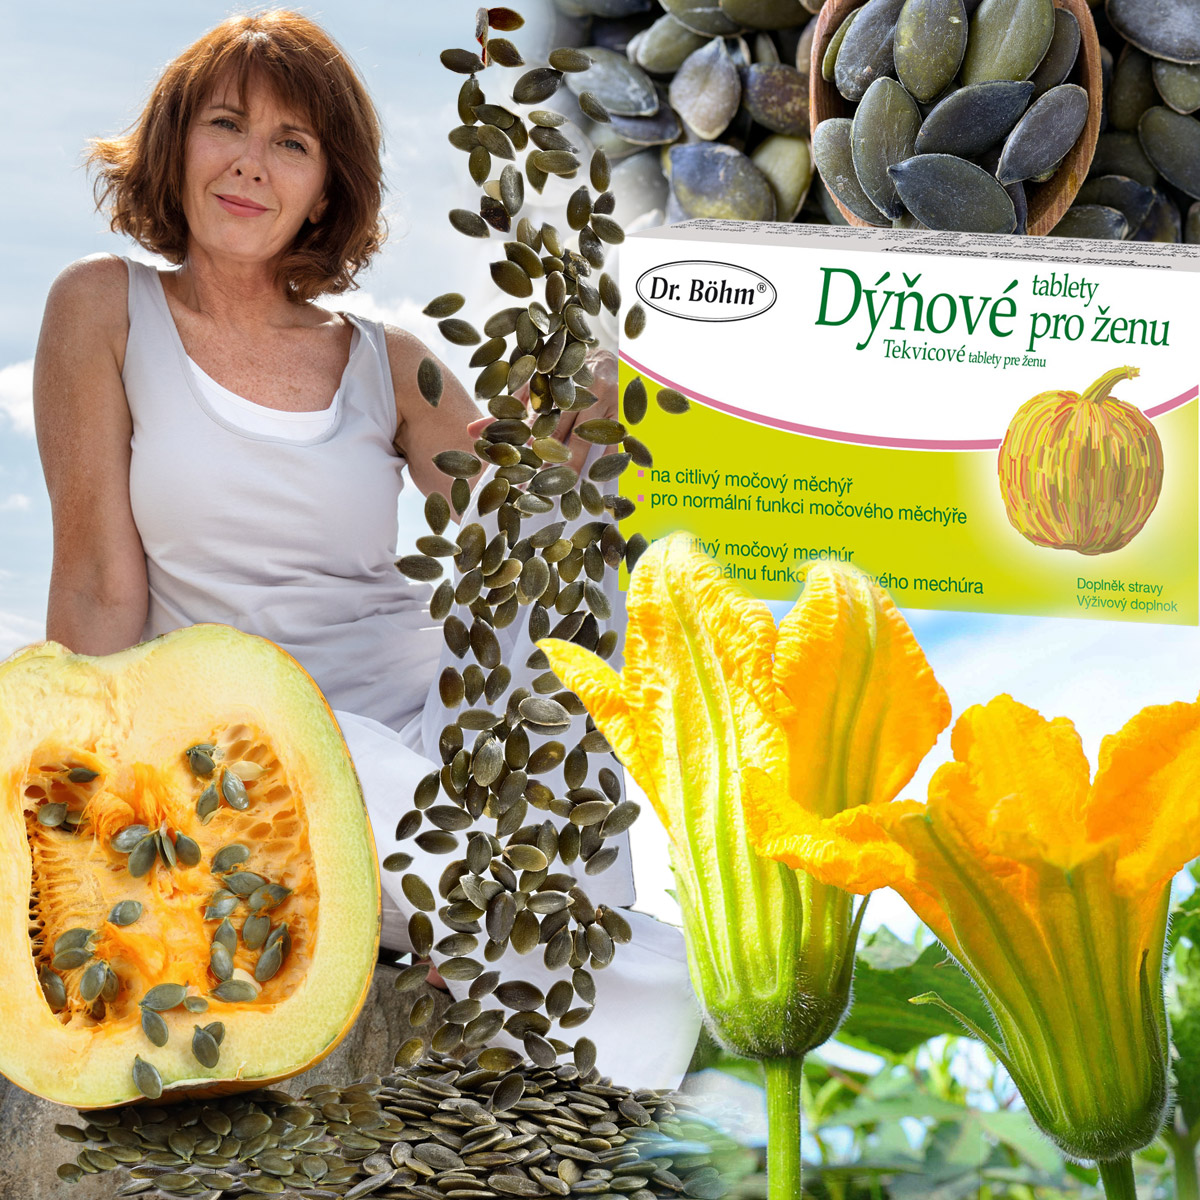 Extrakt z dýňových semínek vám dodá více jistoty a sebevědomí. Avšak nezapomeňte, že účinné látky obsahují pouze vhodně připravené extrakty.